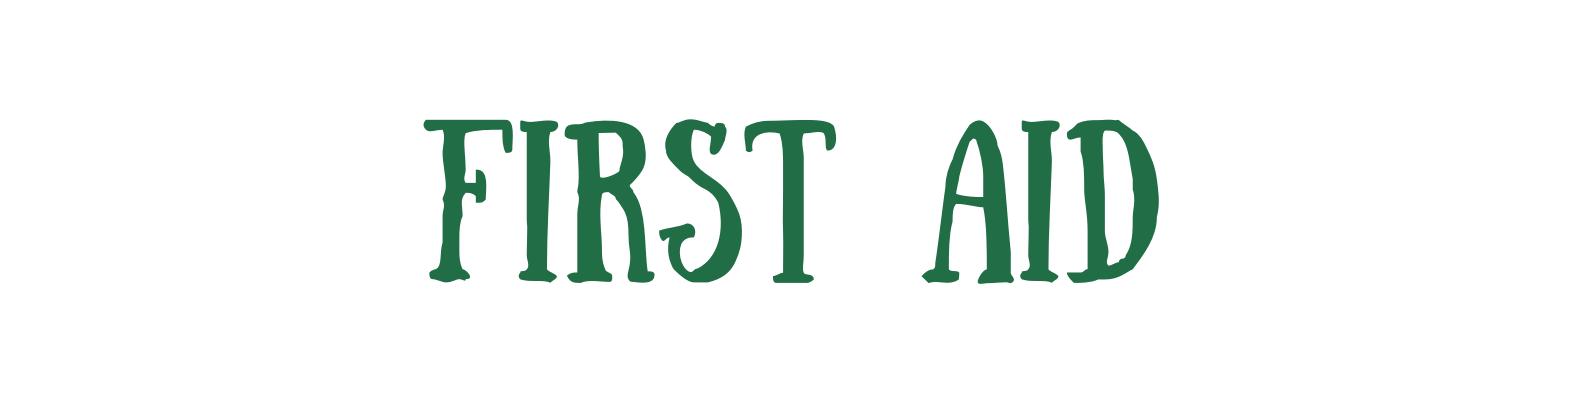 Green and Cream Brushstroke Assistant Professor LinkedIn Banner (18)